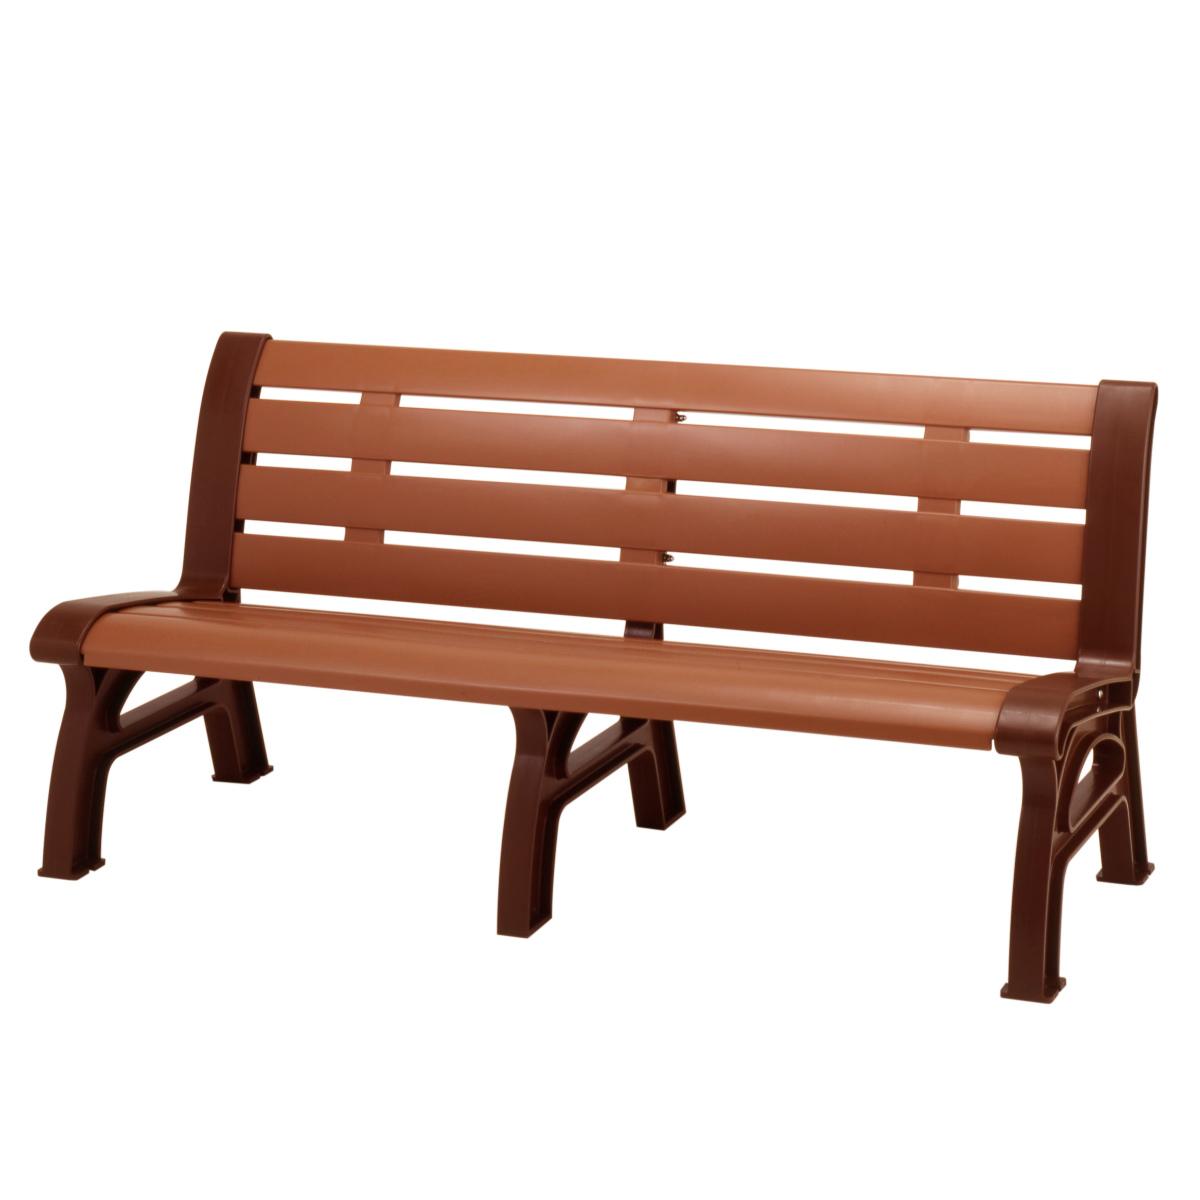 木調エコベンチ 再生樹脂製 160cm ブラウン 2~3人掛け ( 送料無料 長椅子 屋内 屋外 ) 【3980円以上送料無料】